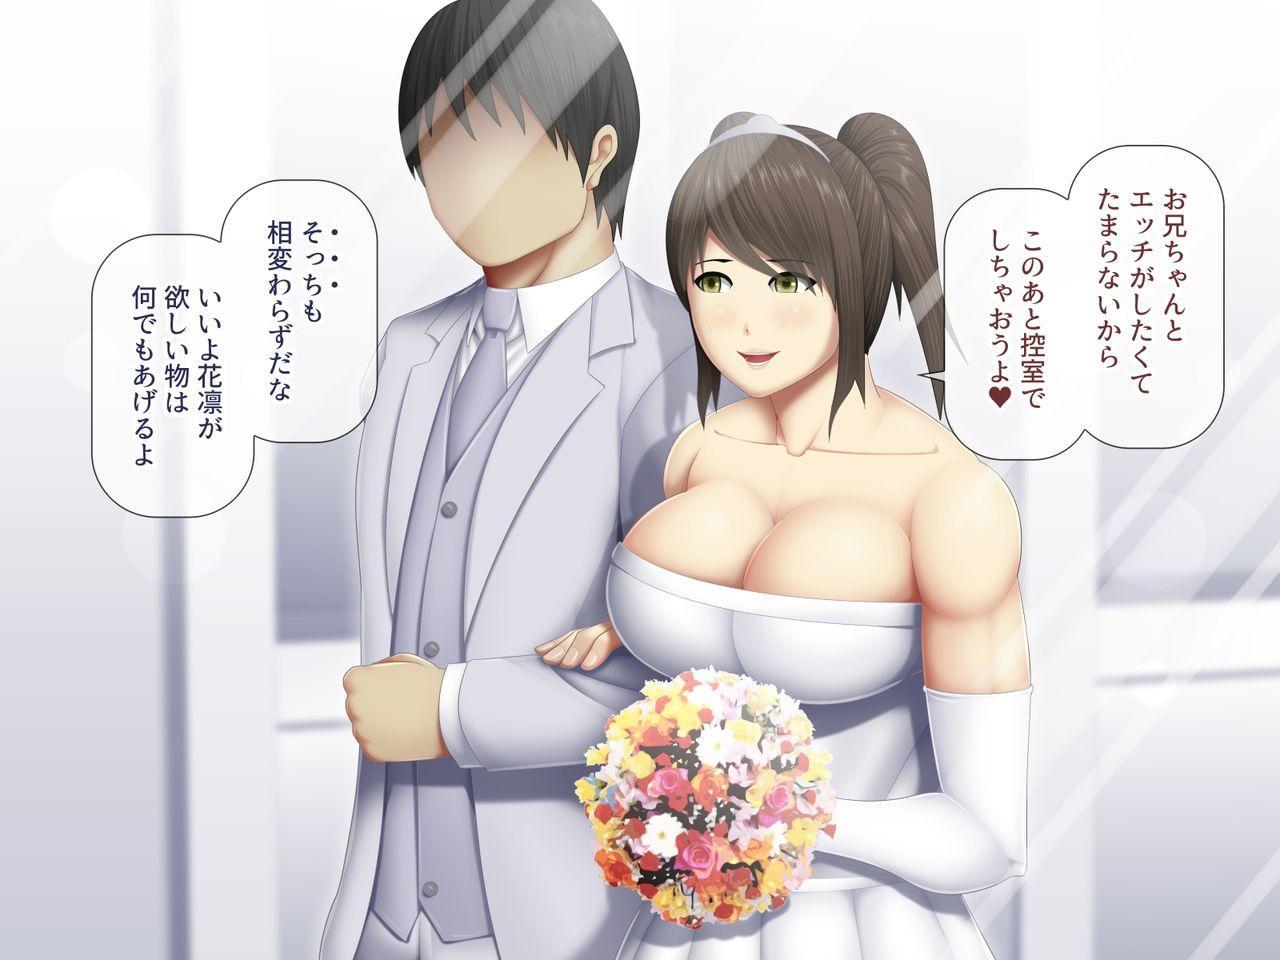 Uchiki na Jyumai ga Ore no Tame ni Karada o Kitaeta Kekka 106